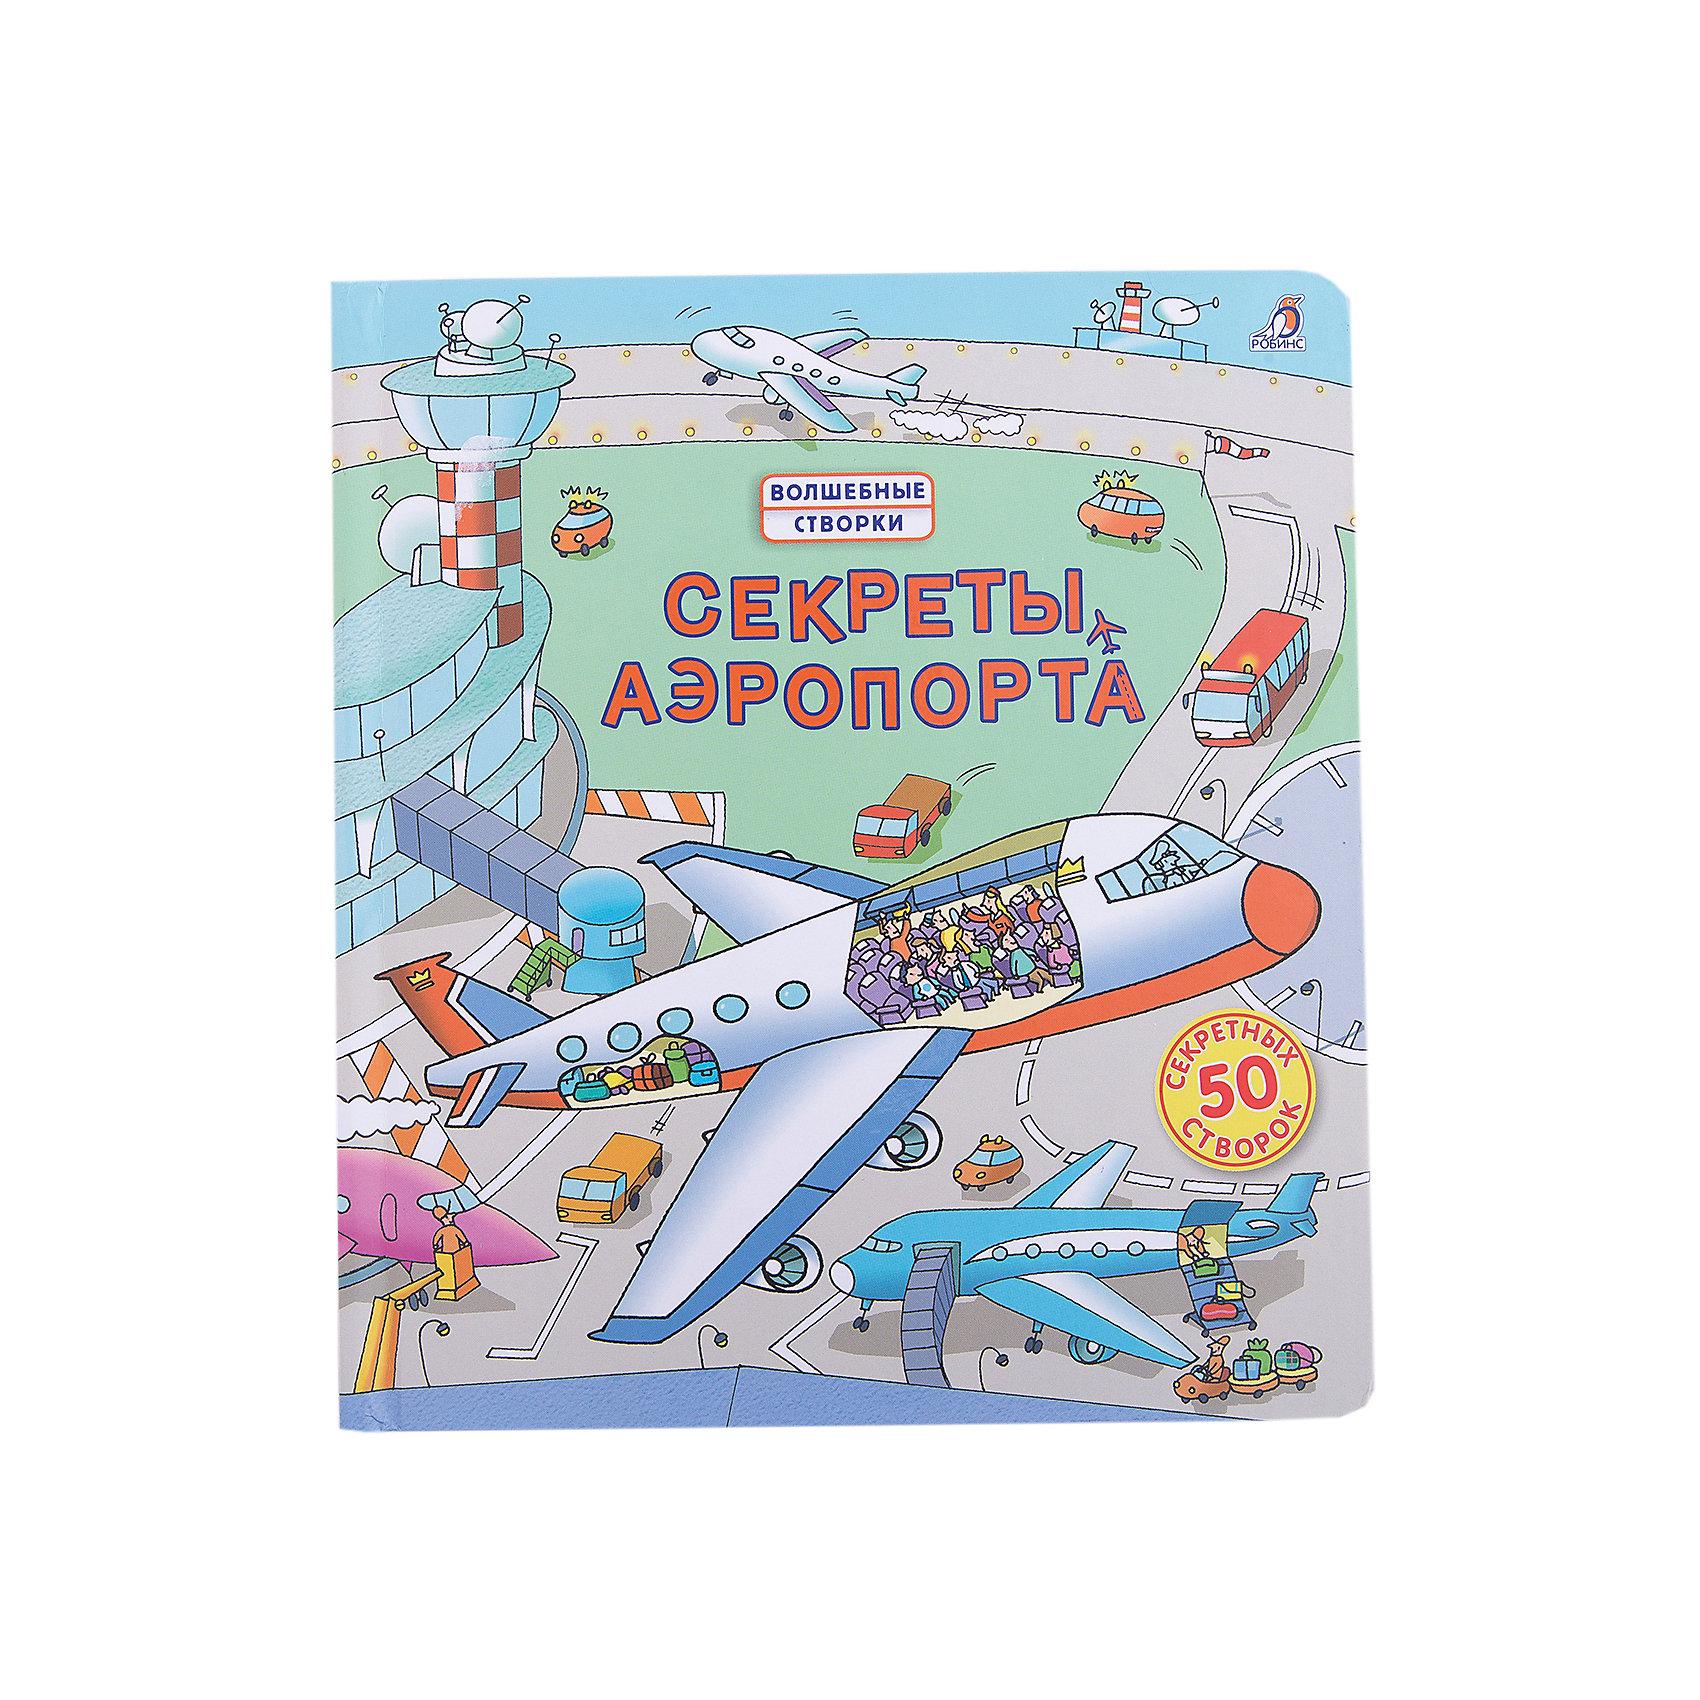 Книга со створками Секреты аэропортаРазвивающие книги<br>Секреты аэропорта, Робинс - это уникальная разработка, позволяющая Вашему ребенку одновременно развиваться и играть.<br>Эта потрясающая книга со множеством разнообразных створок подарит вашему малышу возможность побывать в шумном аэропорту, посмотреть, как самолёты взмывают в небо, и узнать много нового и интересного о них. Книга откроет юному читателю все секреты аэропорта! В ней вы найдете 50 секретных створок, которые не просто открываются, но и двигаются.<br><br>Дополнительная информация:<br><br>- Количество страниц: 14<br>- Твердый переплет<br>- Формат: 20x22 см<br>- Автор: Роб Ллойд Джонс<br>- Иллюстратор: С. Тонетти<br>- Переводчик: Юрий Воскобойник<br><br>Книгу «Секреты аэропорта», Робинс можно купить в нашем интернет-магазине.<br><br>Ширина мм: 220<br>Глубина мм: 200<br>Высота мм: 18<br>Вес г: 475<br>Возраст от месяцев: 60<br>Возраст до месяцев: 96<br>Пол: Унисекс<br>Возраст: Детский<br>SKU: 3522822